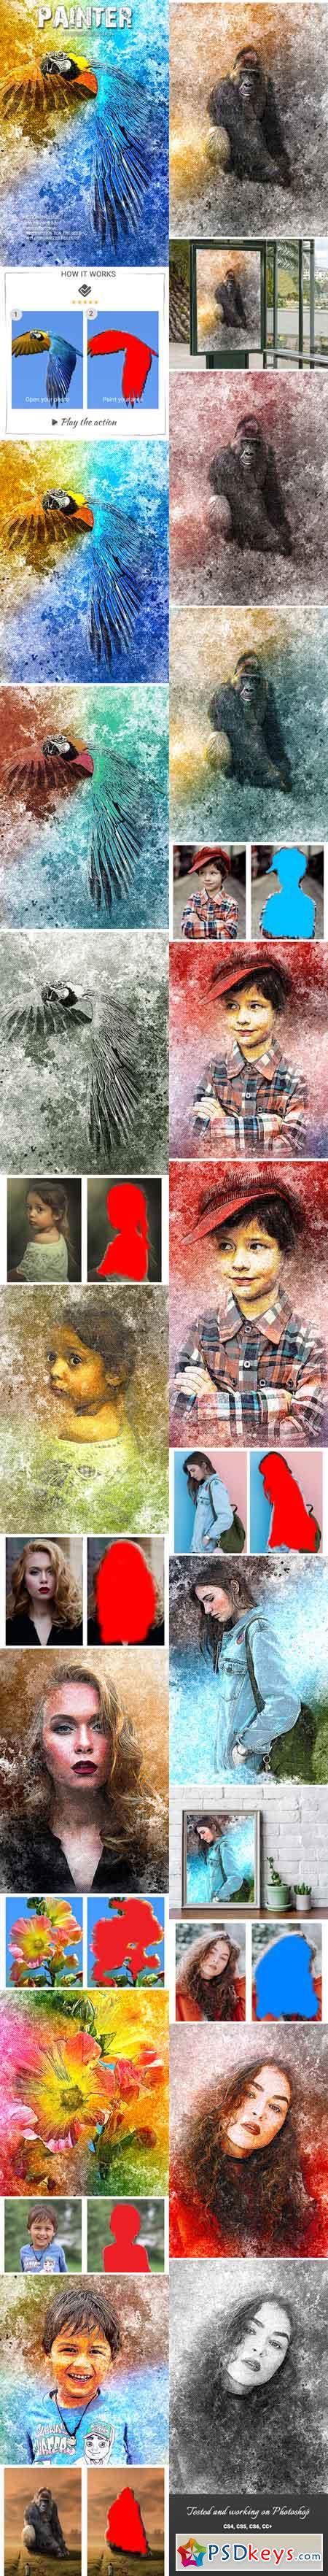 Painter Photoshop Action 22411730